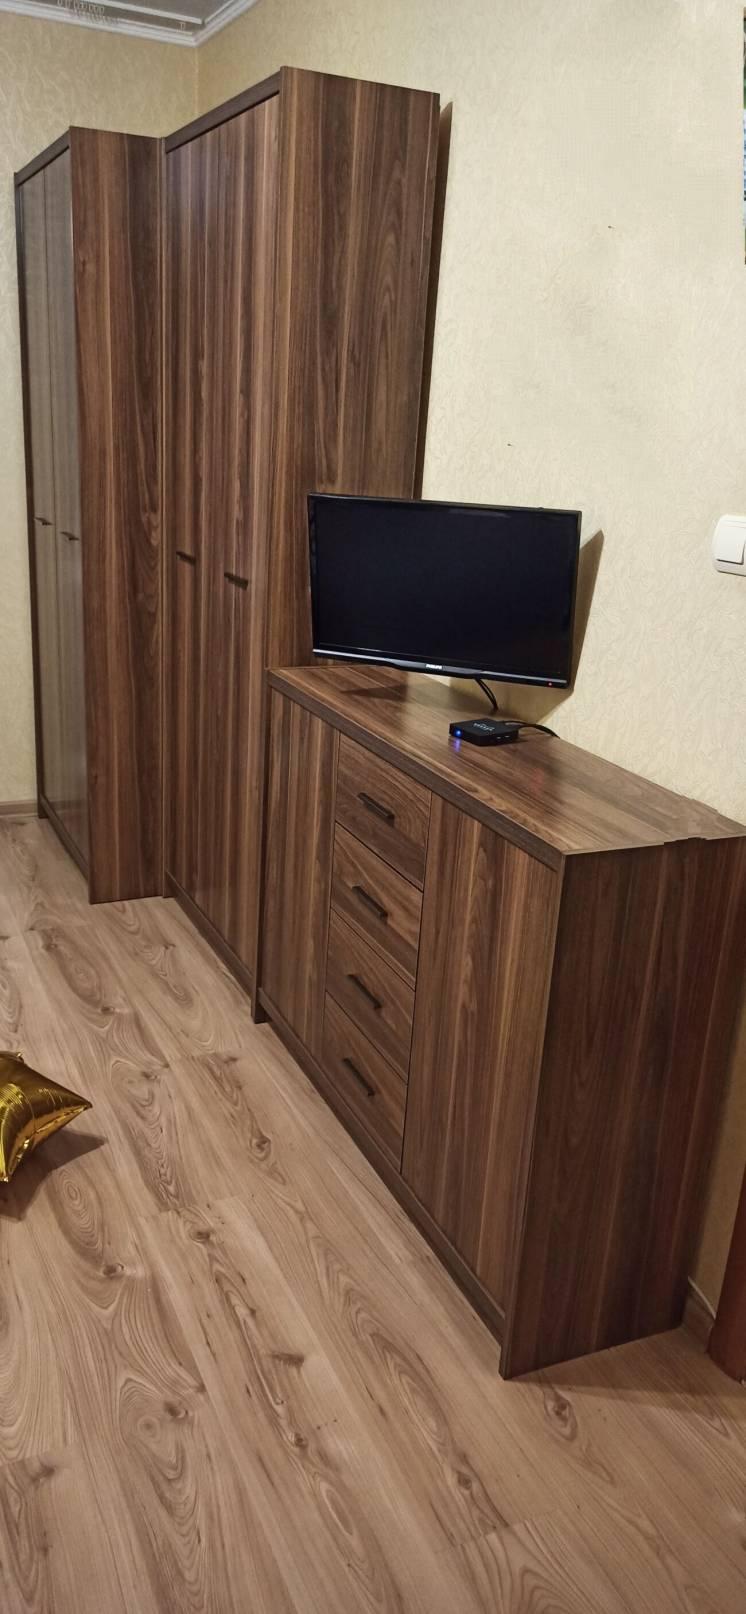 Модульная мебель (шкаф, пенал, комод) Можно по отдельности.